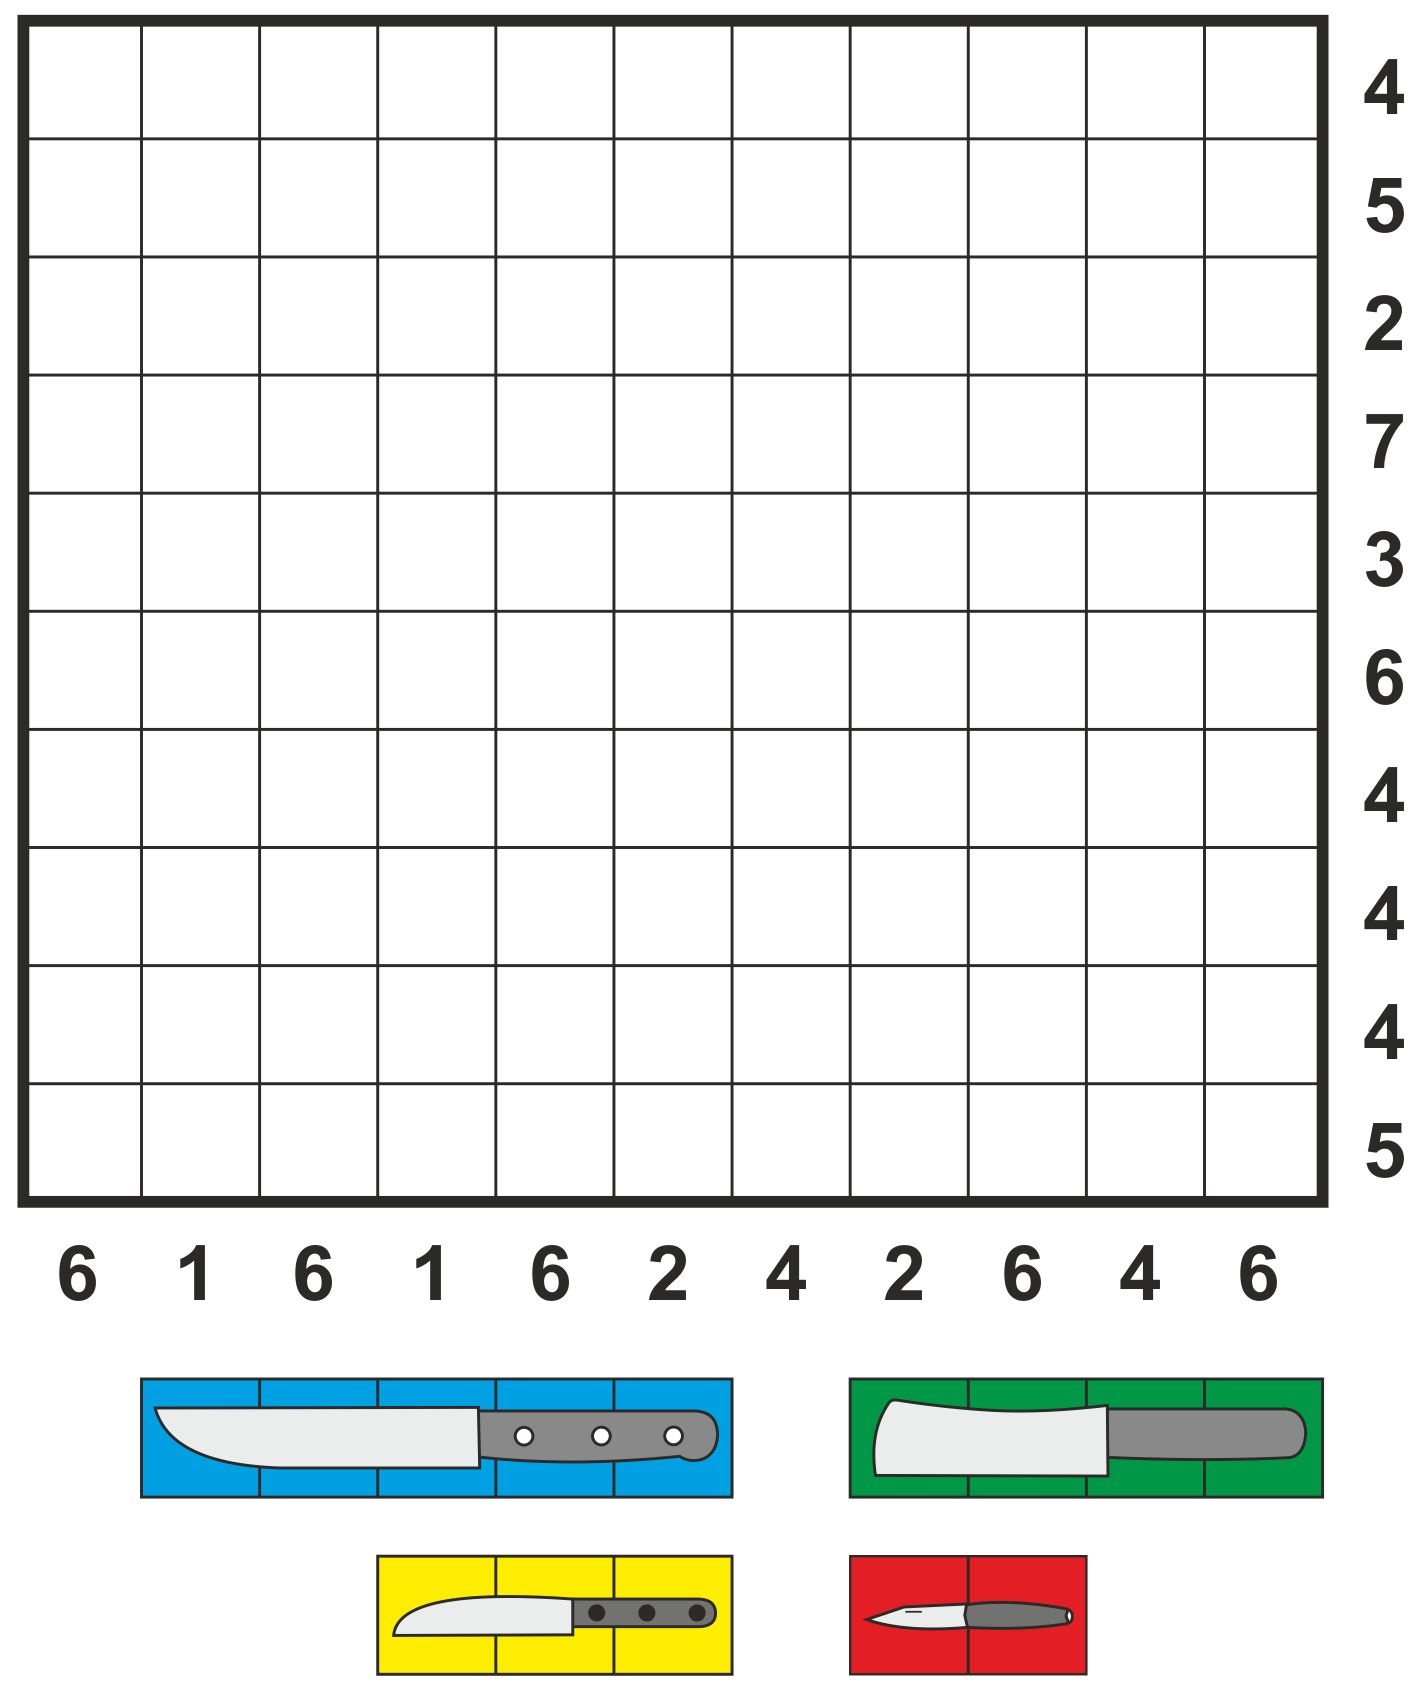 8f2da3fc5 2. Křiváky Propojte všechna políčka rastru lomenou čárou, která vede  vodorovně, svisle nebo úhlopříčně. Čára začíná v levém horním políčku s  písmenem K a ...